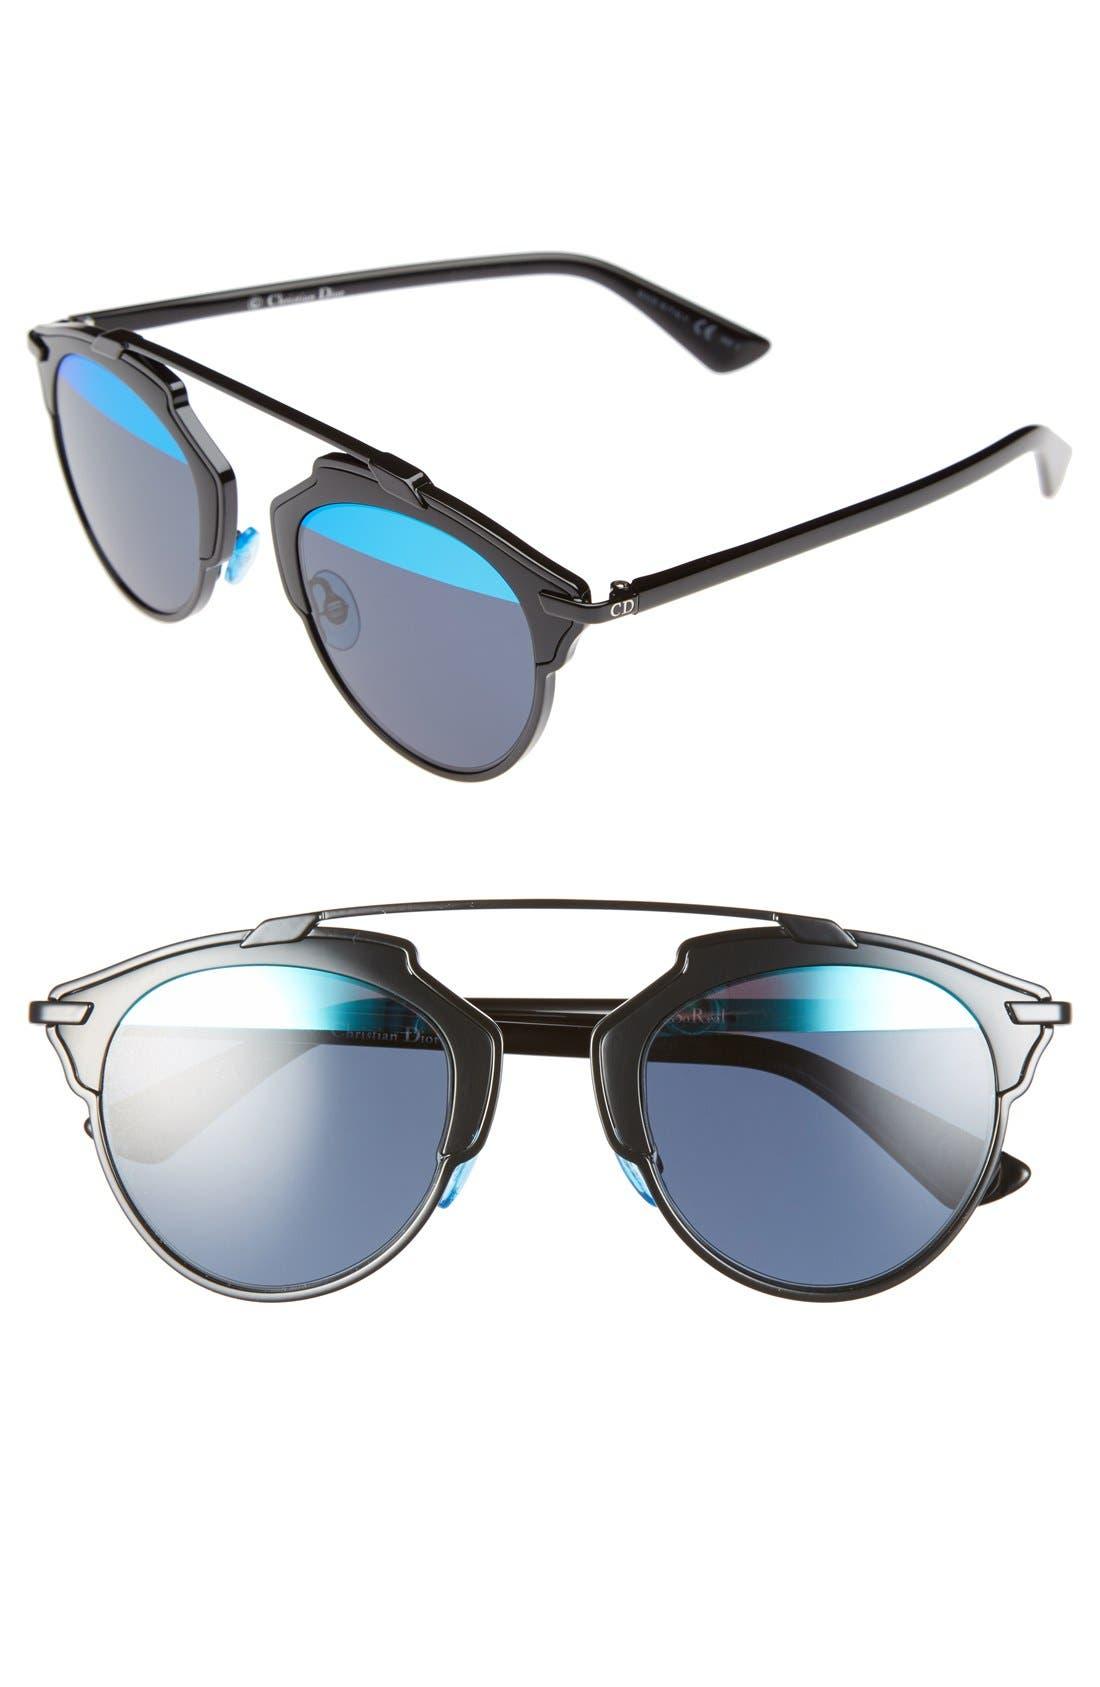 So Real 48mm Brow Bar Sunglasses,                             Main thumbnail 3, color,